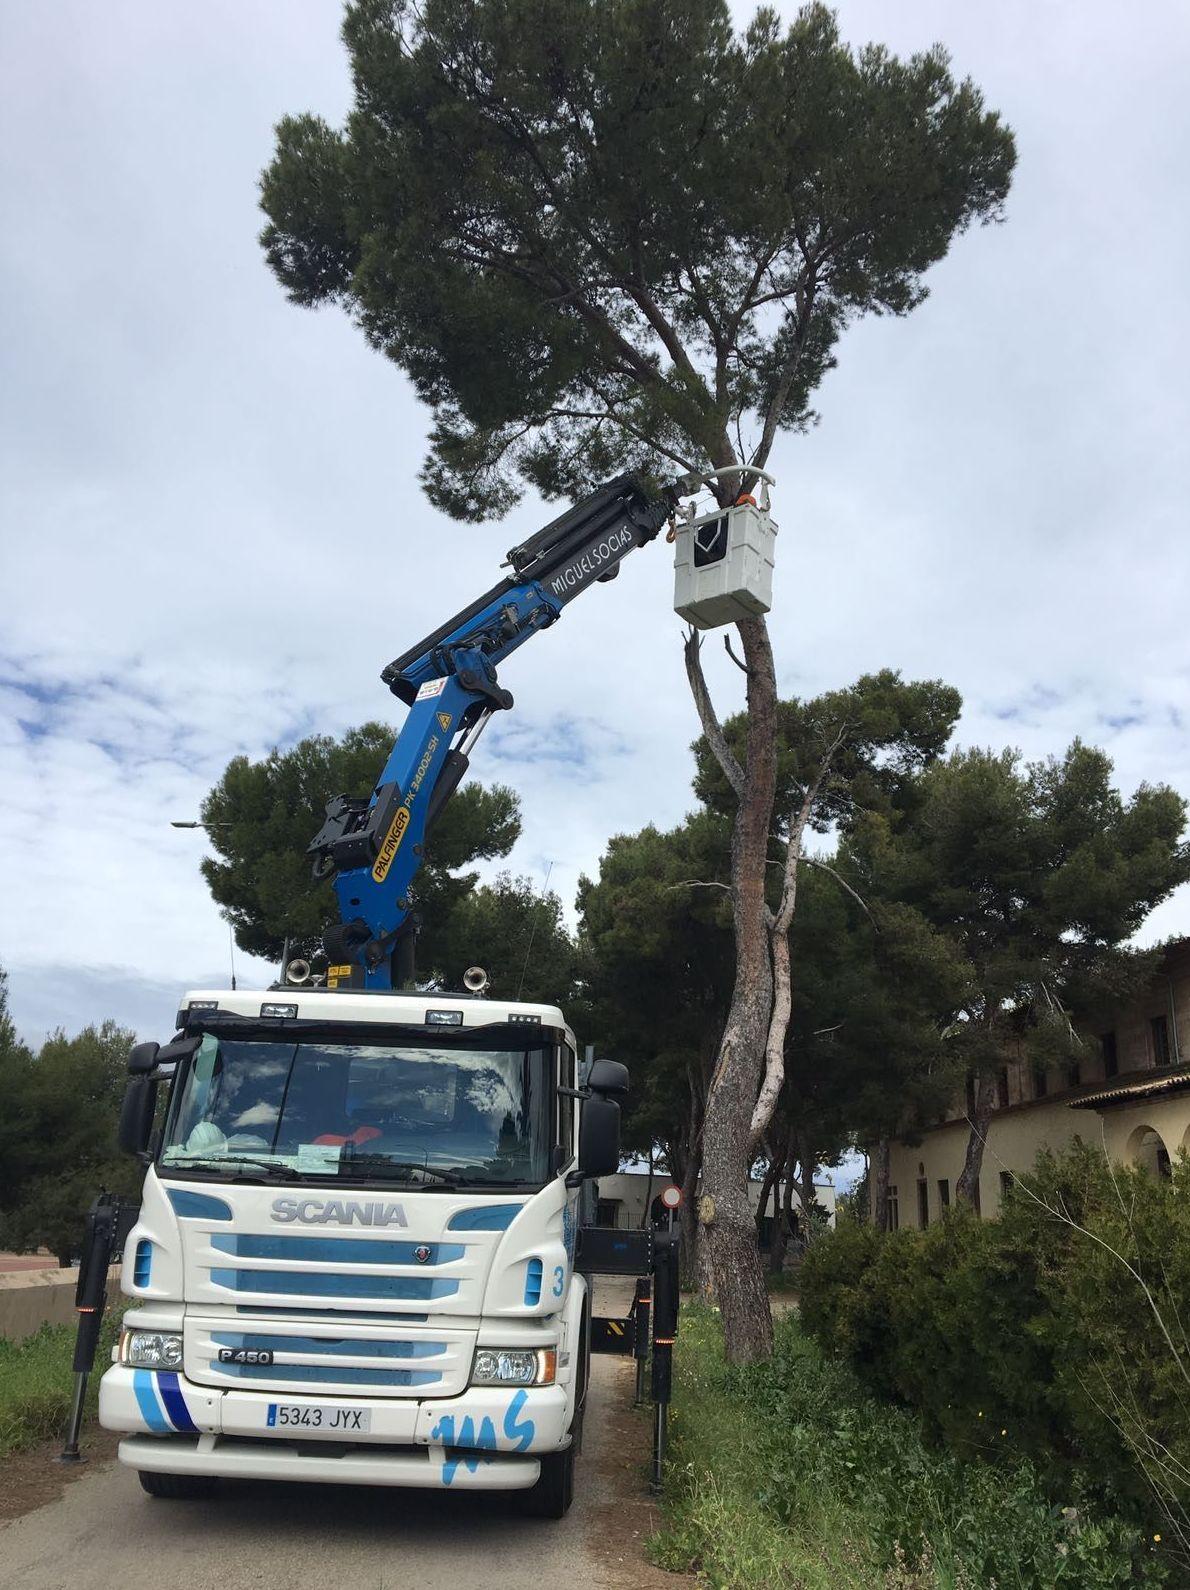 Foto 6 de Transporte y materiales de construcción en Campanet | Transportes Miguel Socias e Hijos